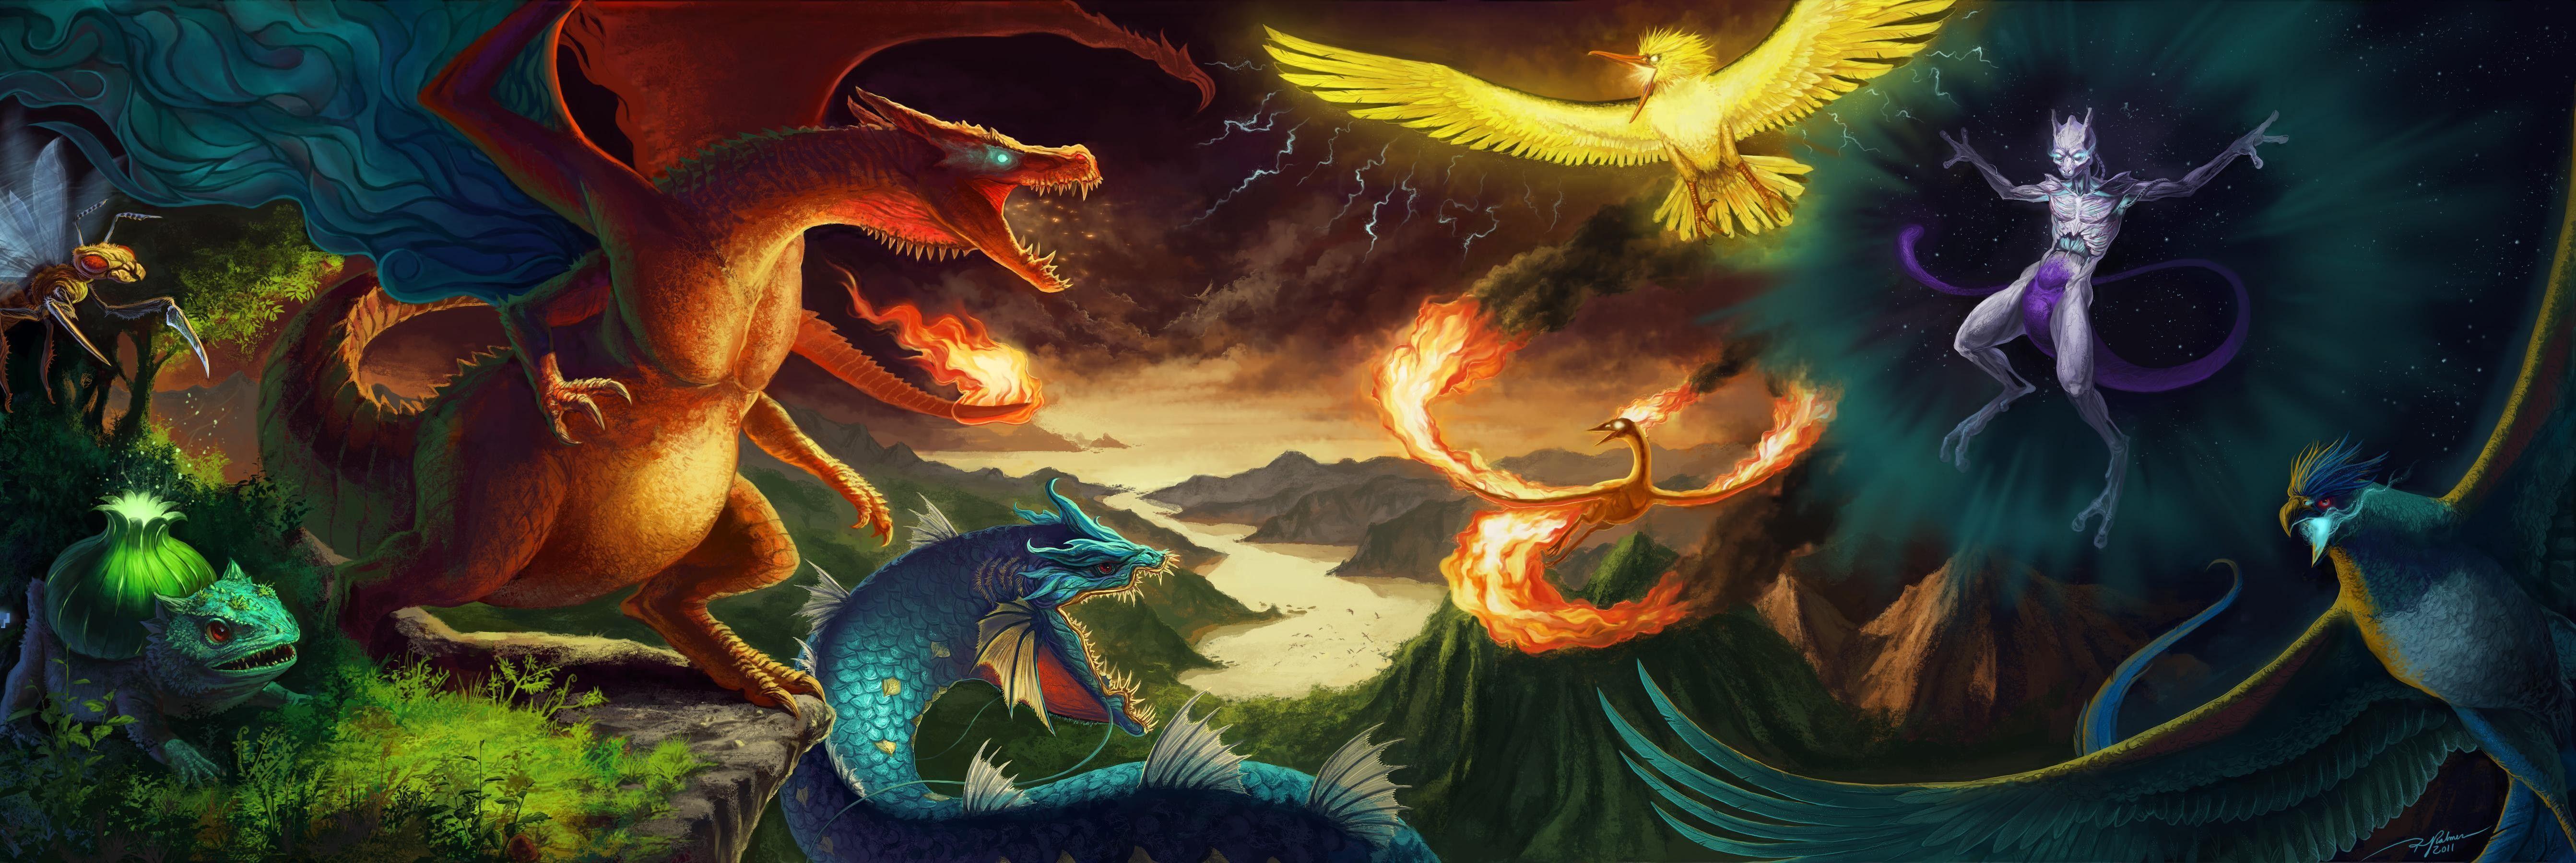 62 best free legendary pokemon wallpapers wallpaperaccess